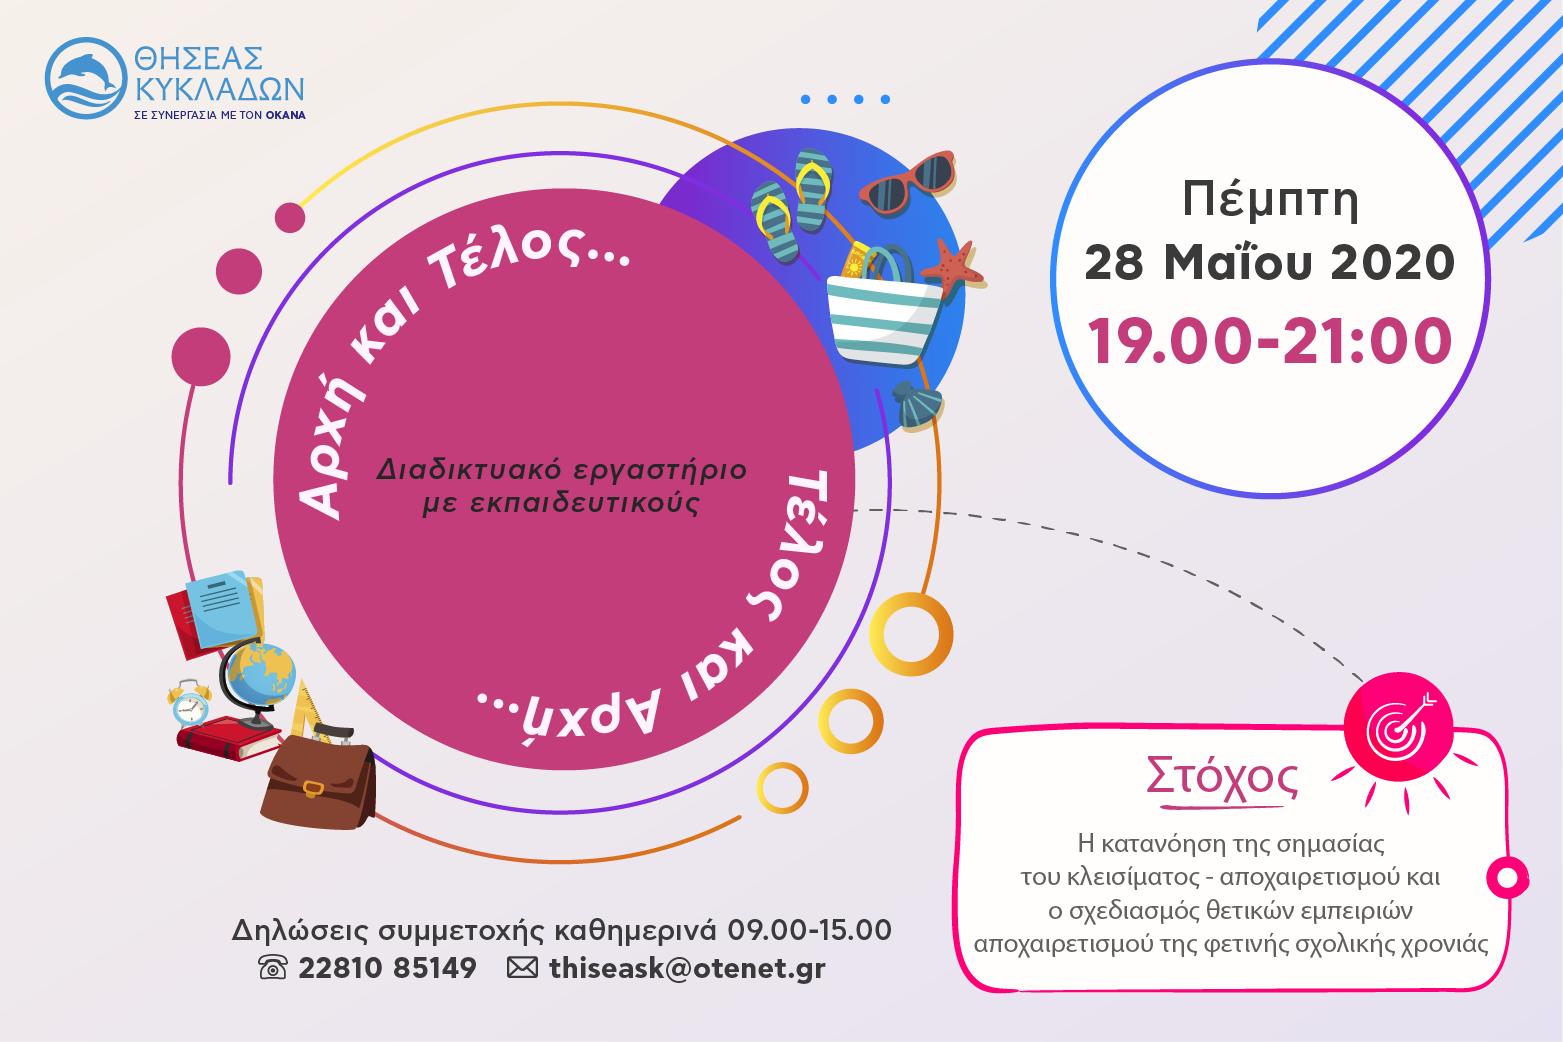 Διαδικτυακές συναντήσεις και εργαστήρια για γονείς & εκπαιδευτικούς